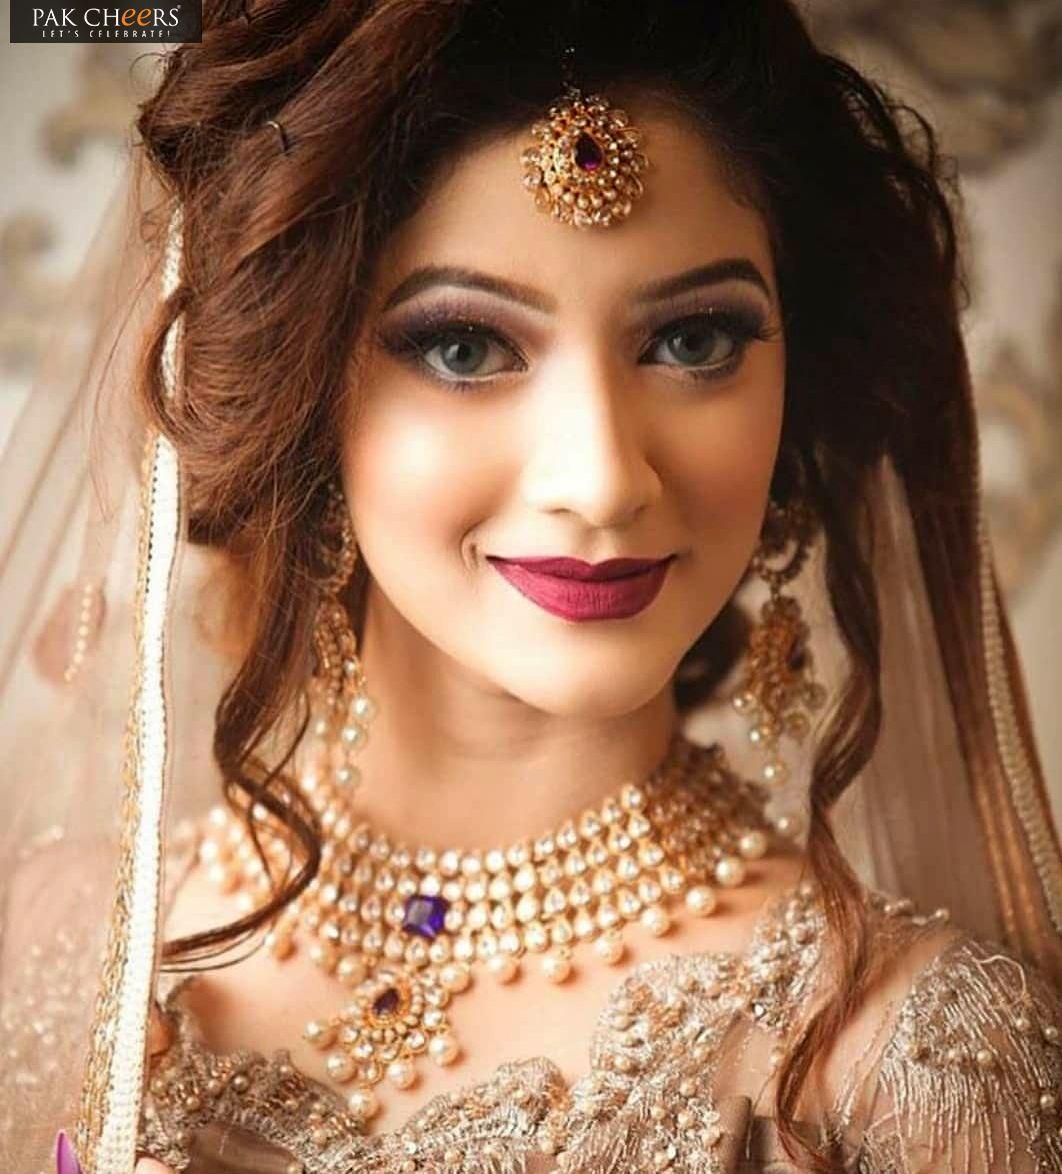 Dulhan Dulhan In 2019 Pakistani Bridal Hairstyles Pakistani Bridal Hairstyles Bridal Makeup Looks Indian Wedding Makeup